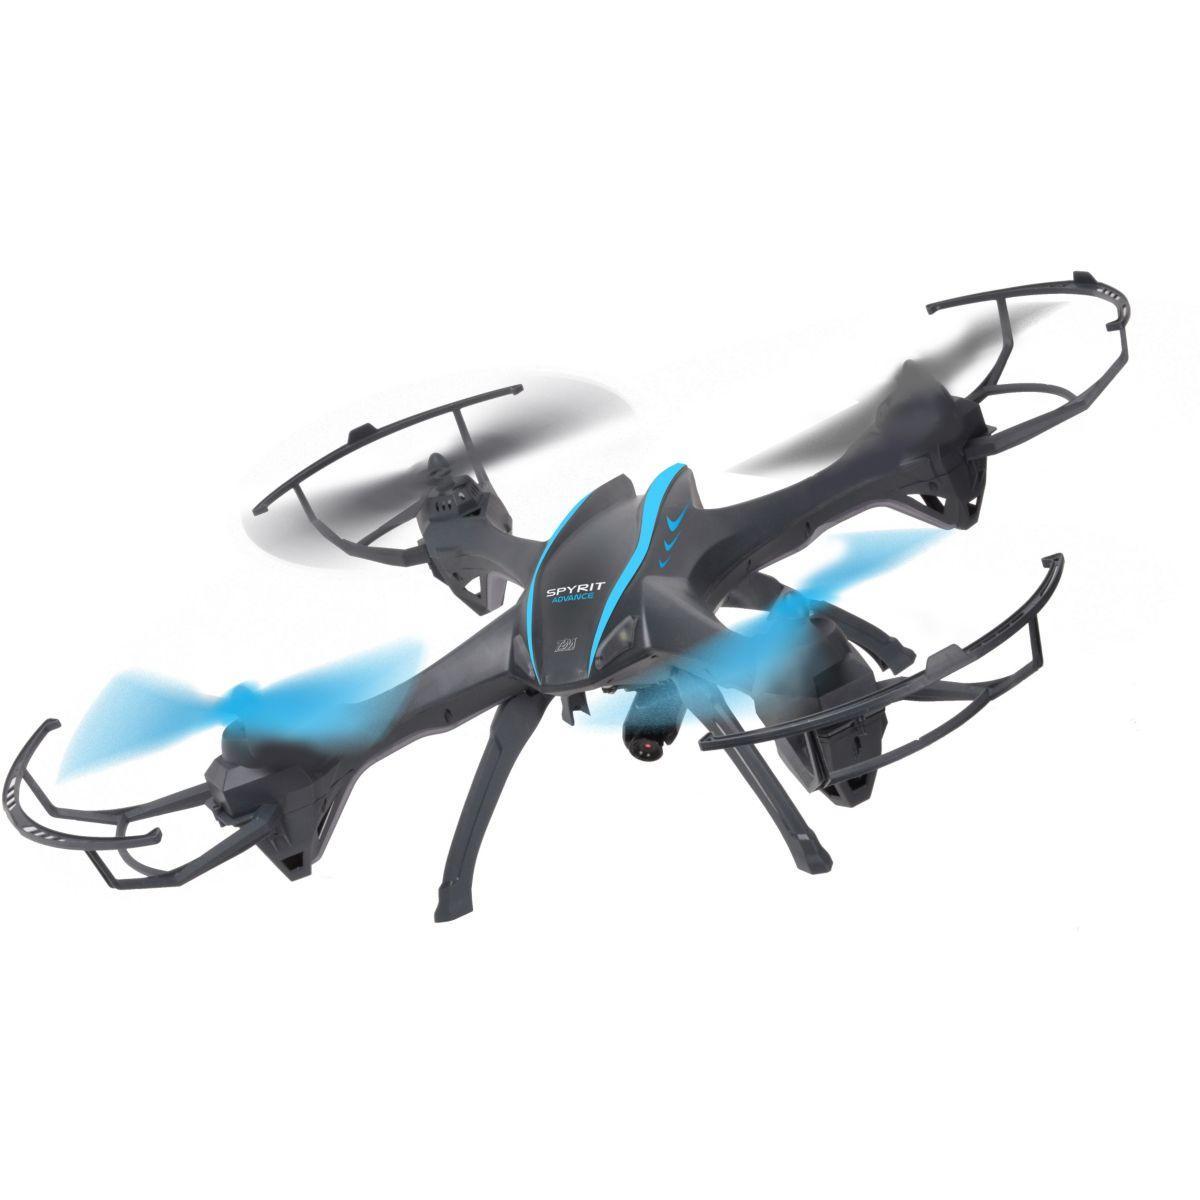 Drone t2m spyrit quadrocoptère rc advance fpv/hd - 10% de remise immédiate avec le code : fete10 (photo)